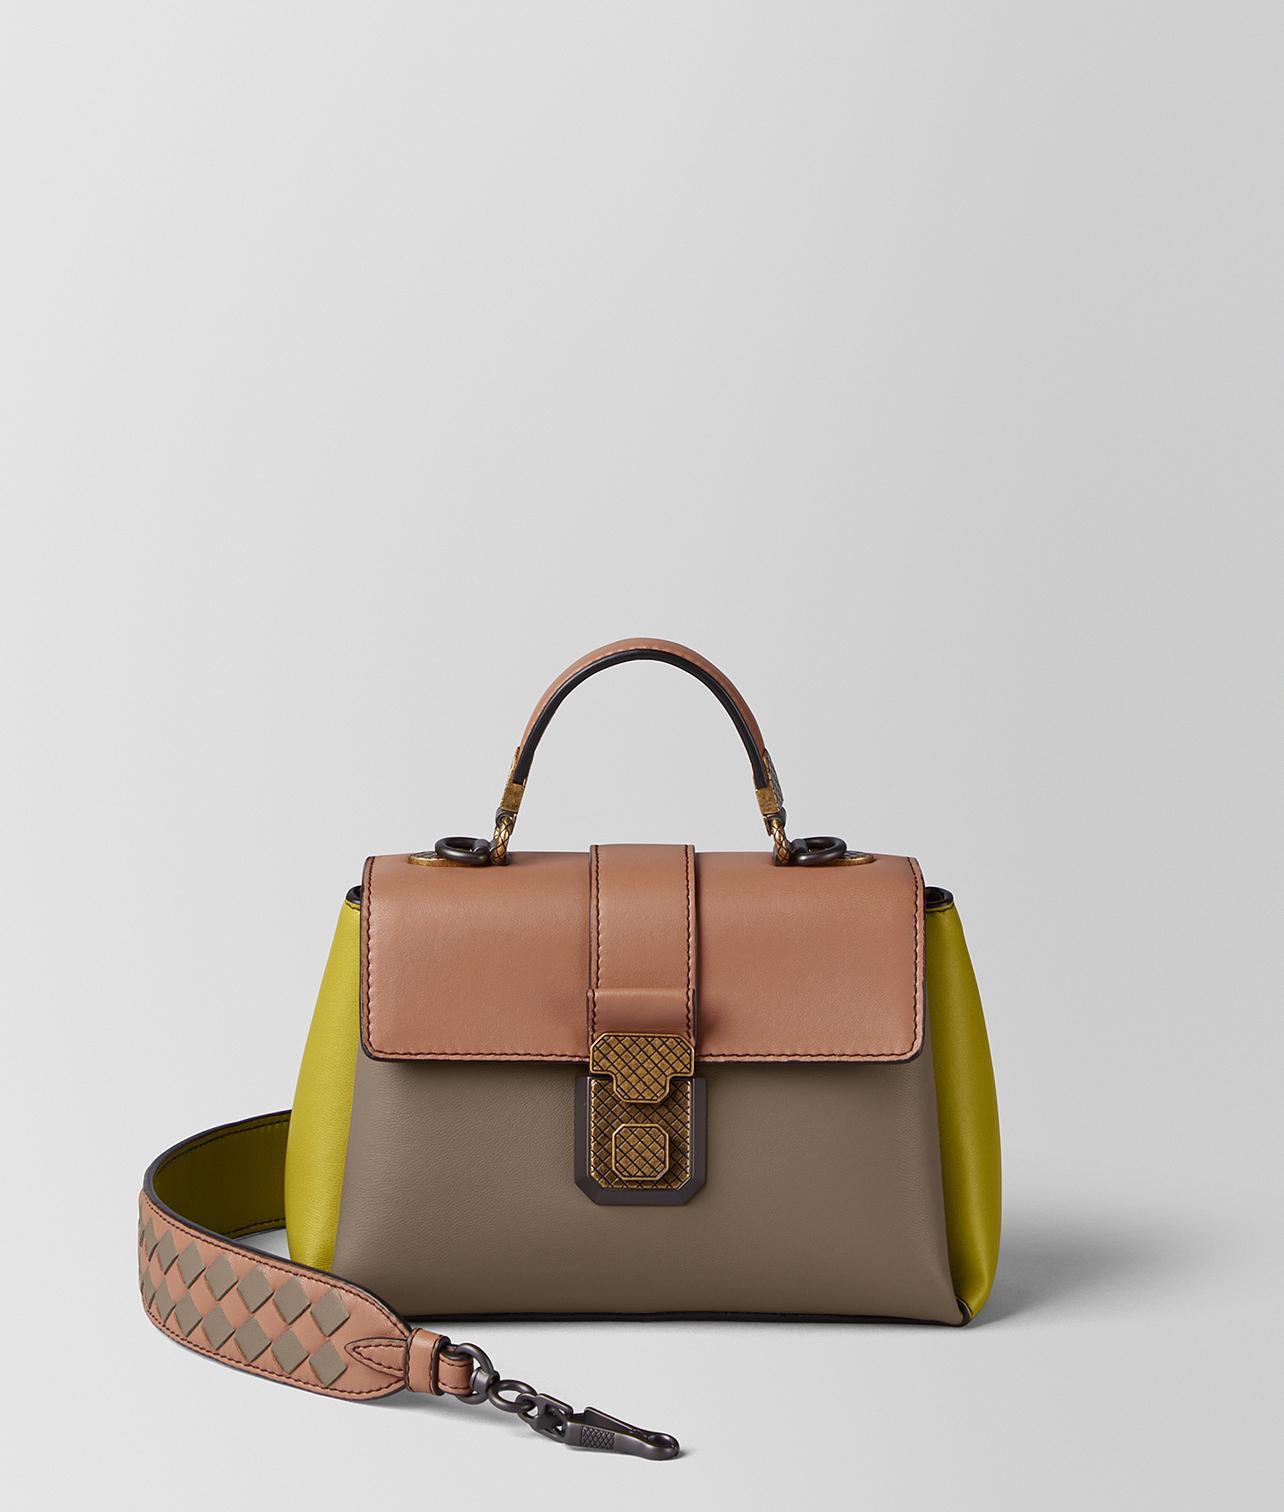 Piazza Large Color-block Leather Tote - Gray Bottega Veneta 3K2kThK25